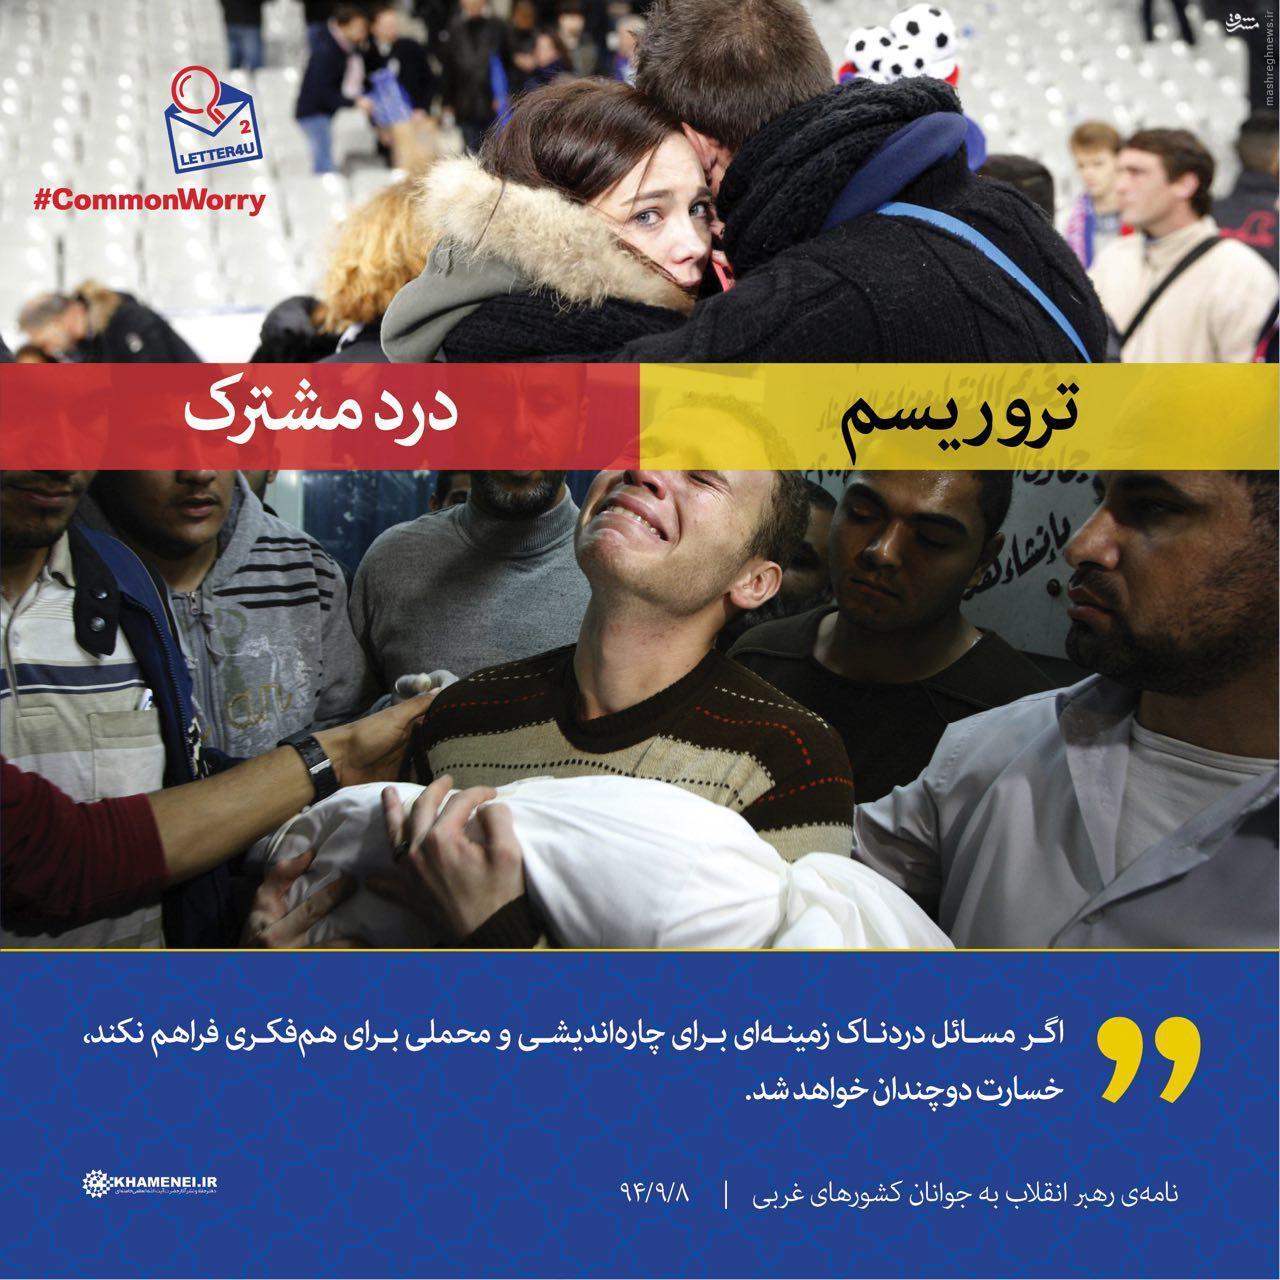 تروریسم درد مشترک